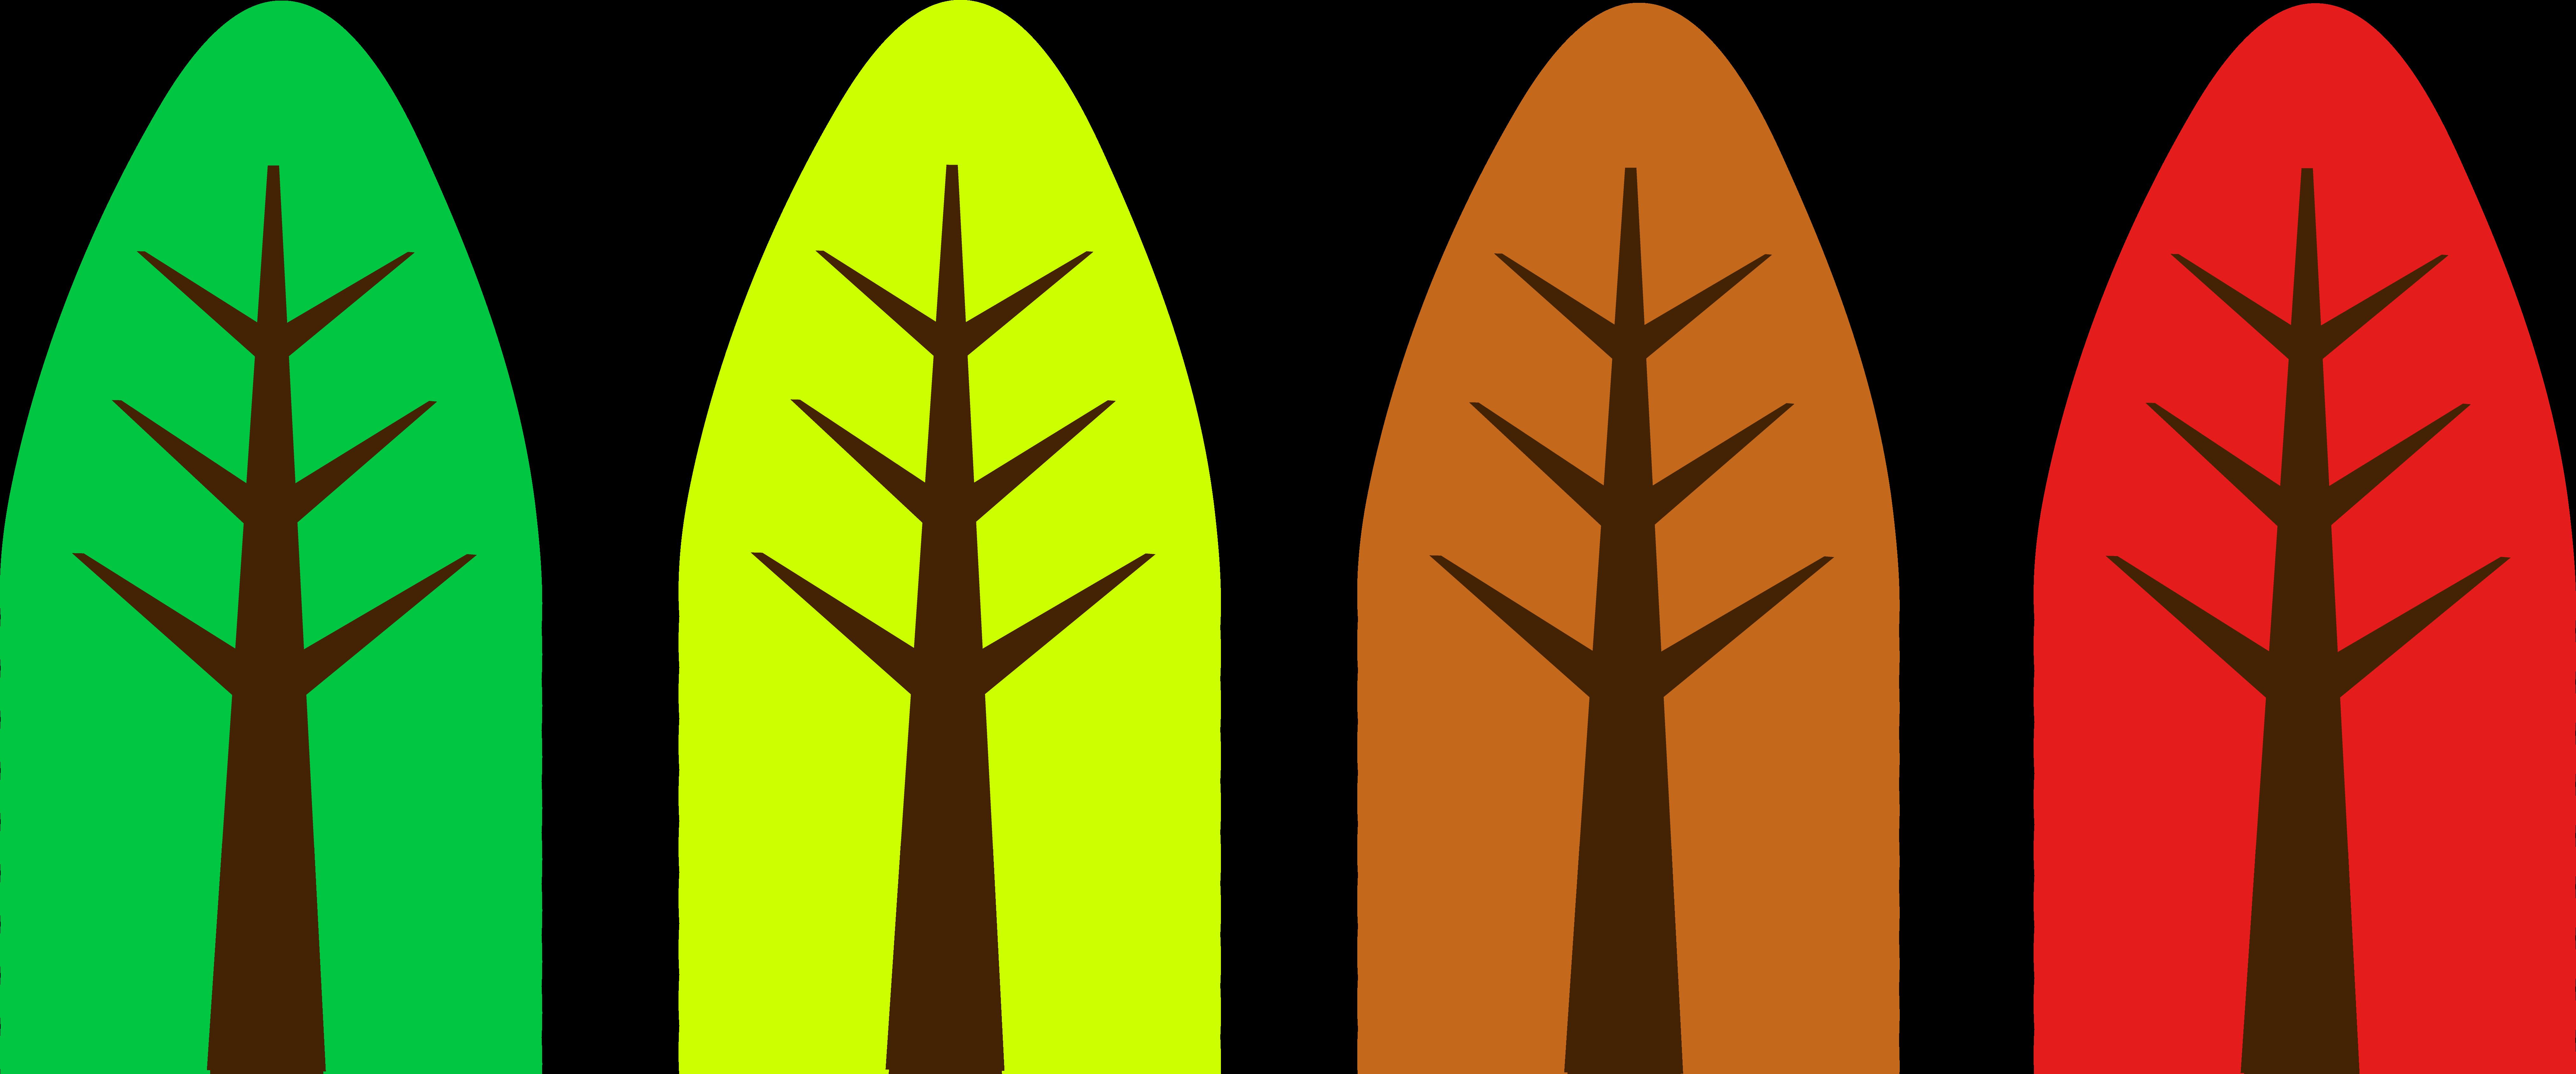 8102x3378 Cute Simple Tree Designs